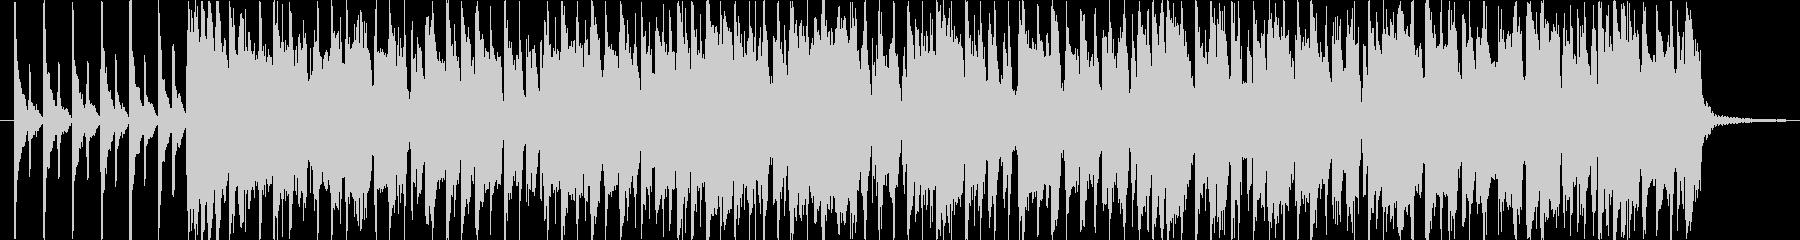 モータウンっぽいジングルの未再生の波形